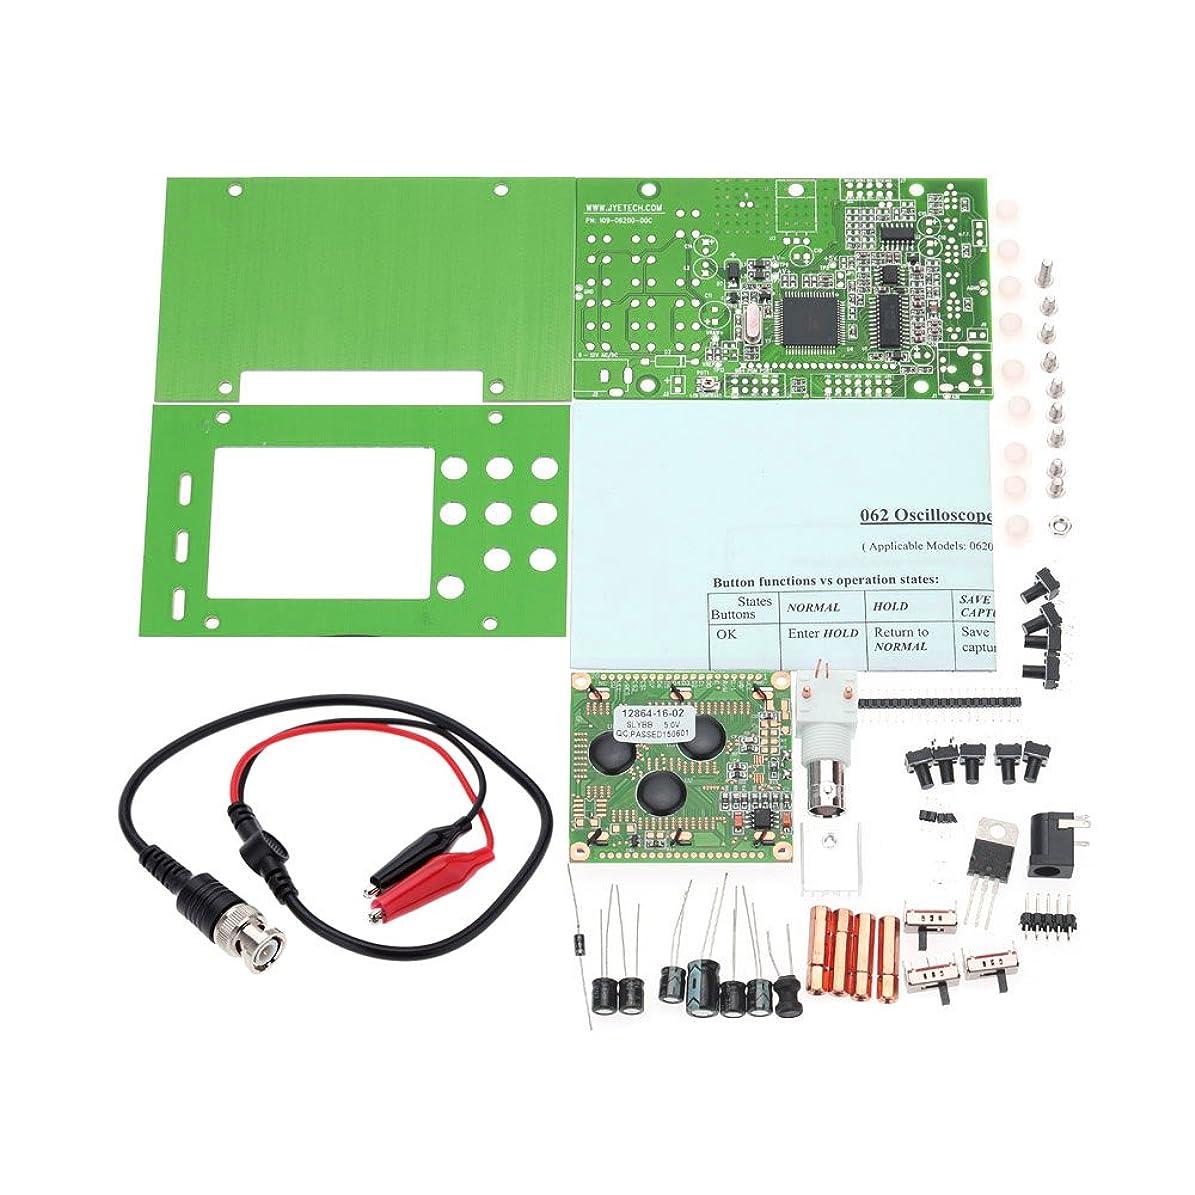 義務づけるリスキーなポジティブKKmoon オシロスコープ ミニLCDデジタルオシロスコープ DIYキット DSO062 1M帯域幅 2Msps リアルタイムサンプリングレート